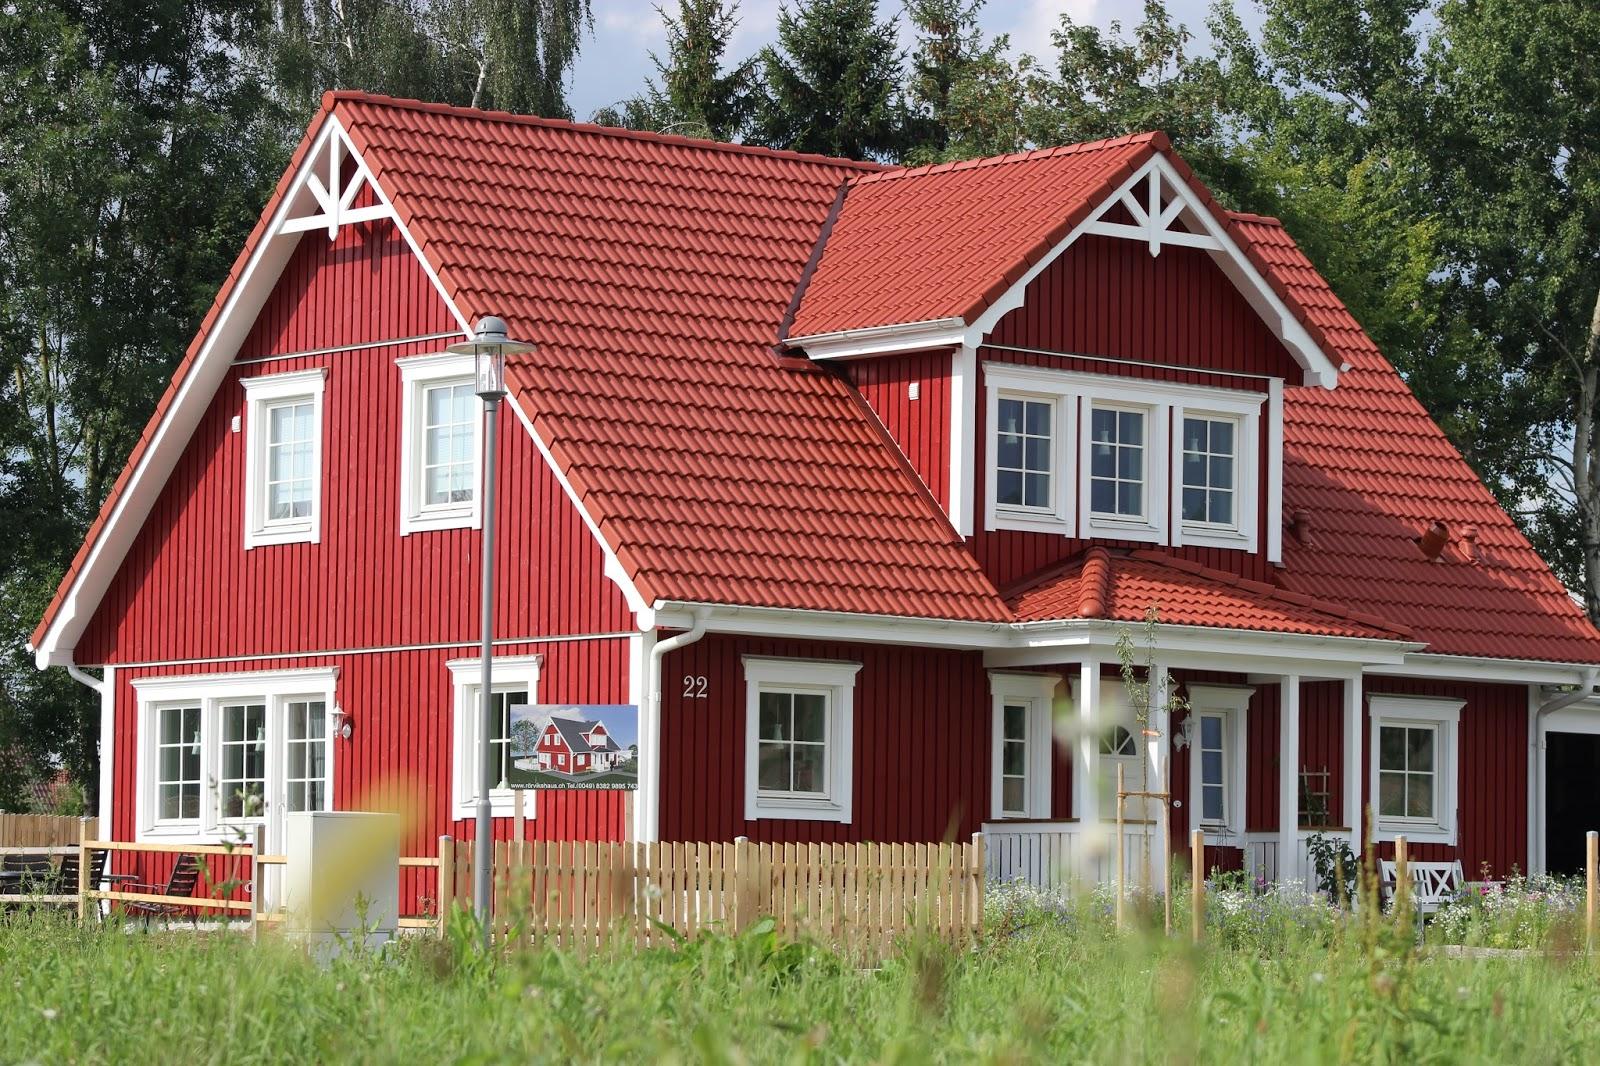 kleine lotta unser schwedenhaus wir sind noch da. Black Bedroom Furniture Sets. Home Design Ideas